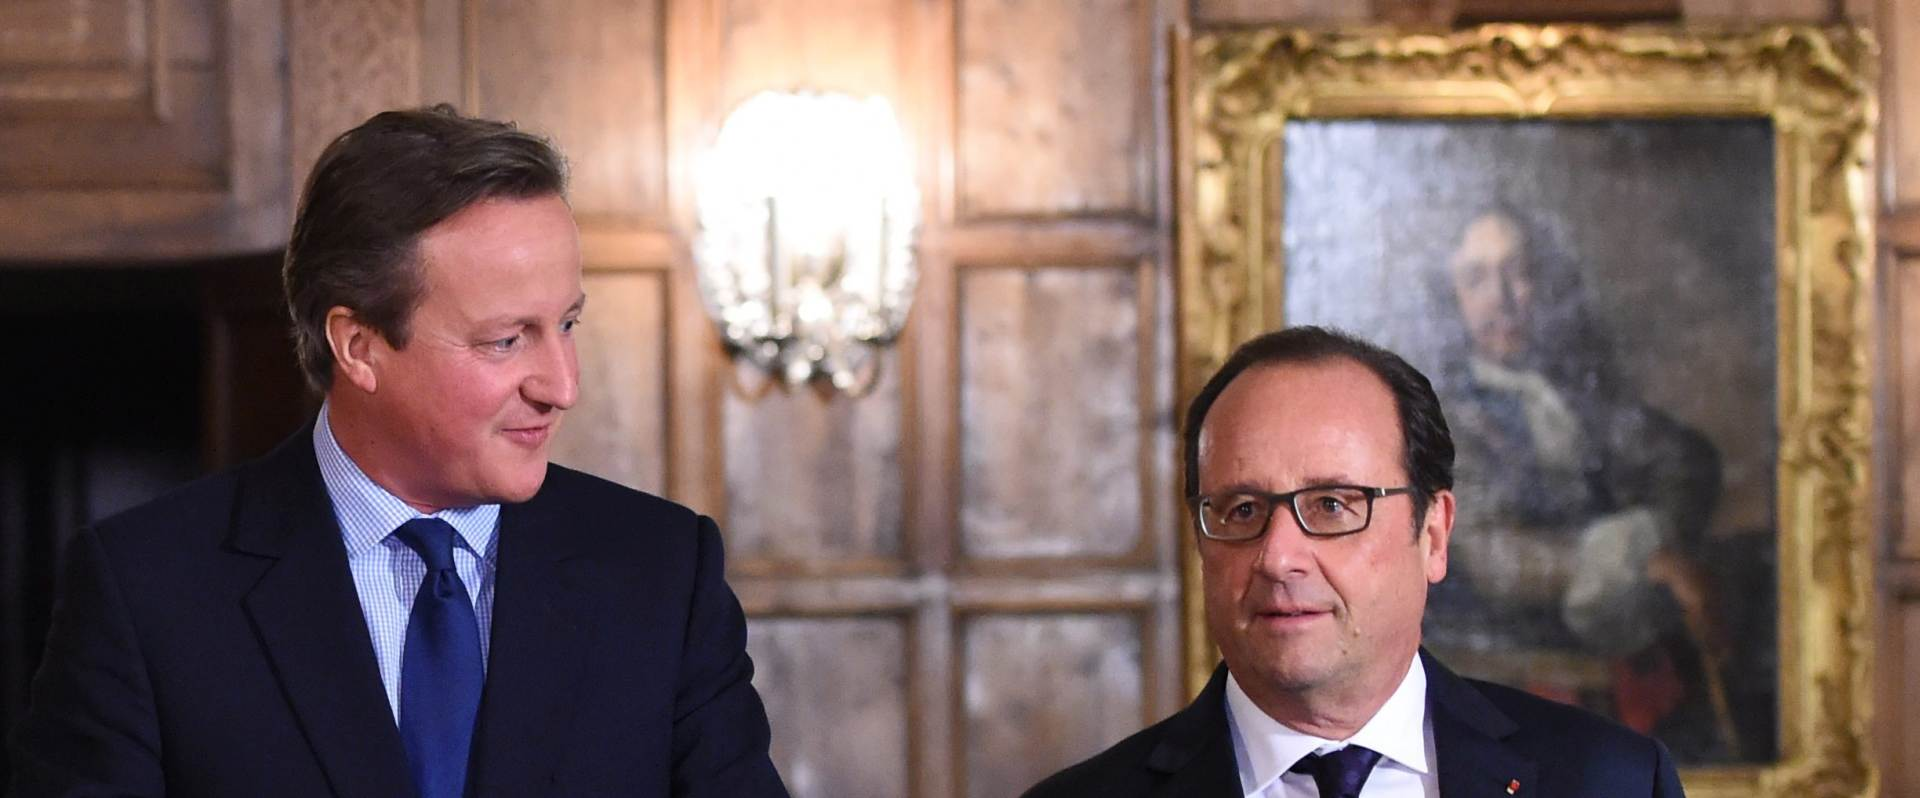 NESLUŽBENI SUSRET: Hollande, Merkel, Obama, Cameron i Renzi u ponedjeljak u Hannoveru